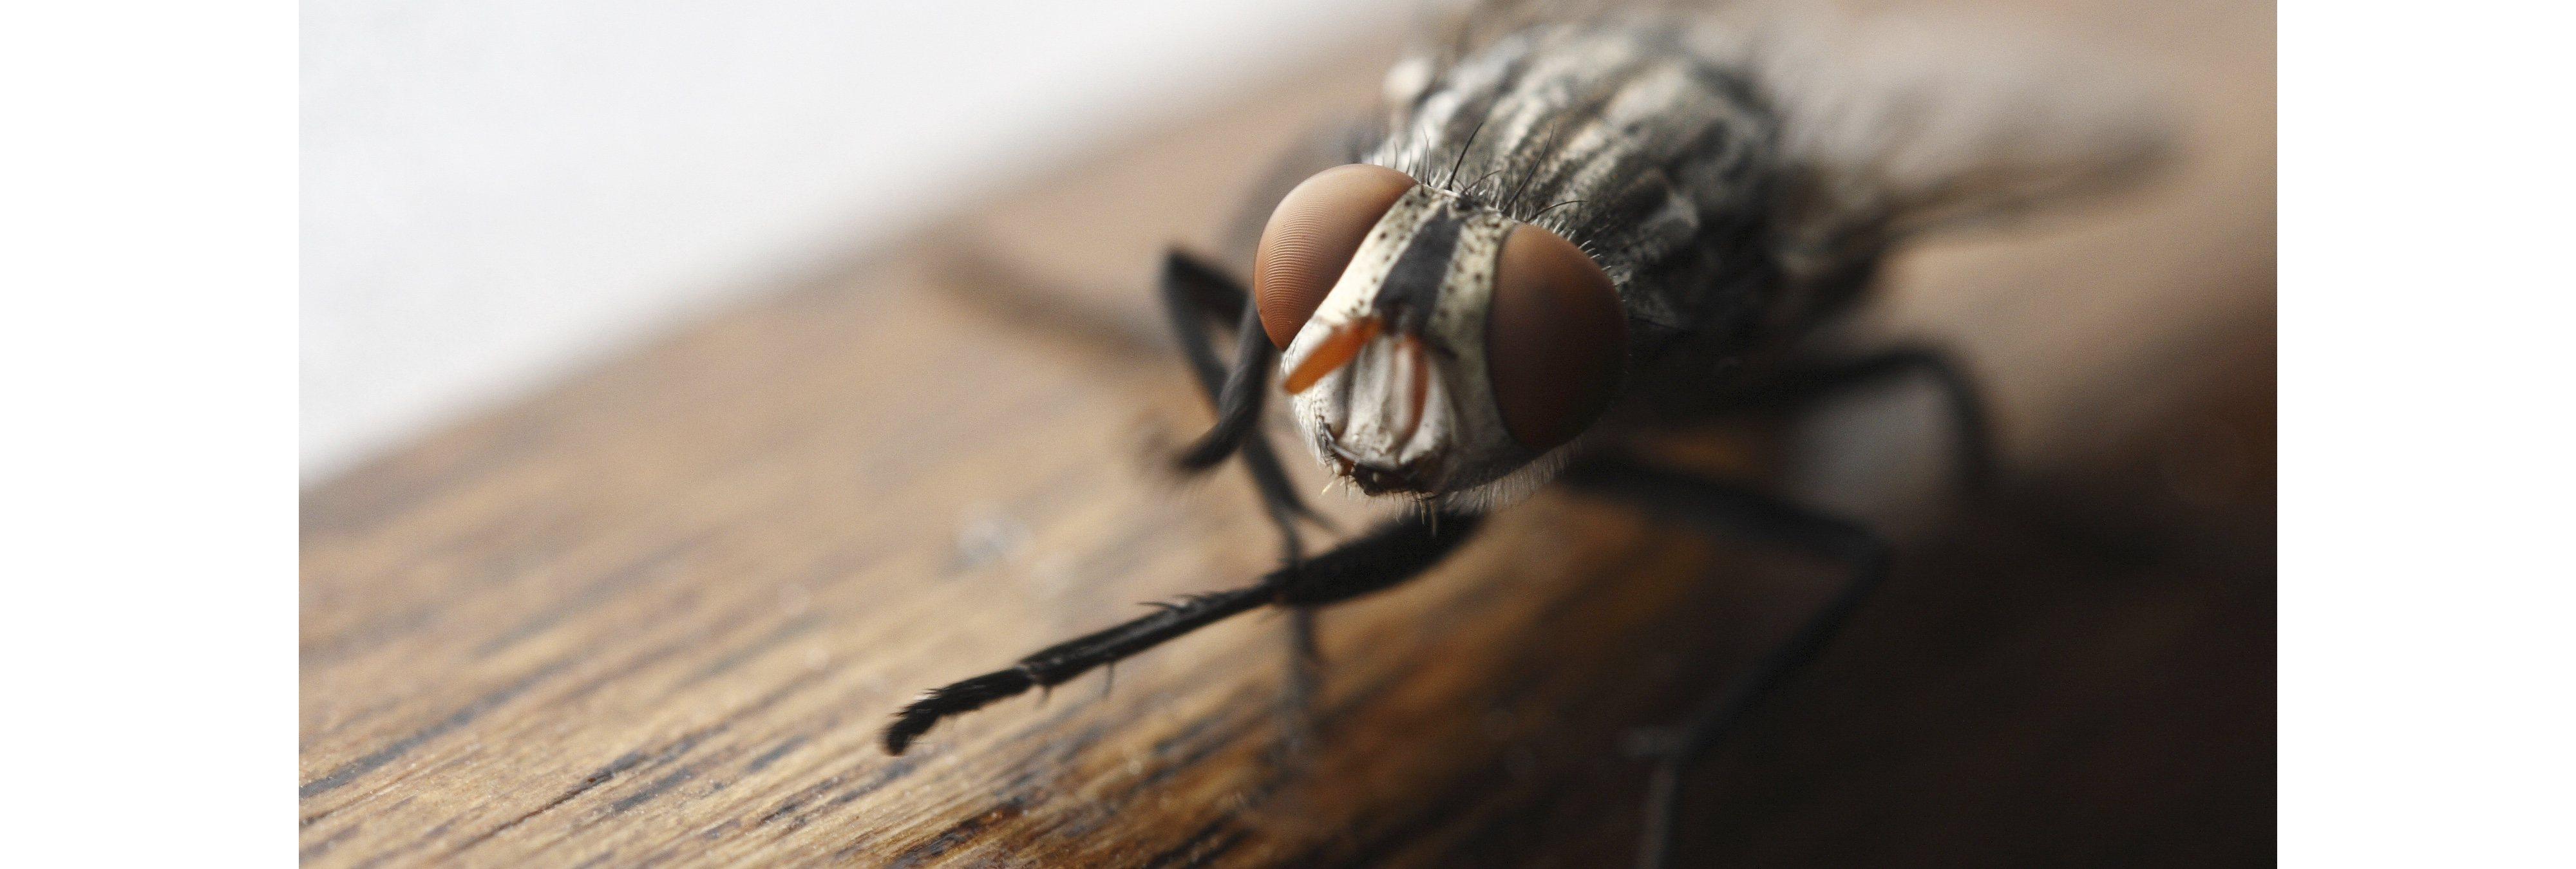 ¿Que sucede cuando una mosca se posa en tu comida? Quizá sea peor de lo que imaginas